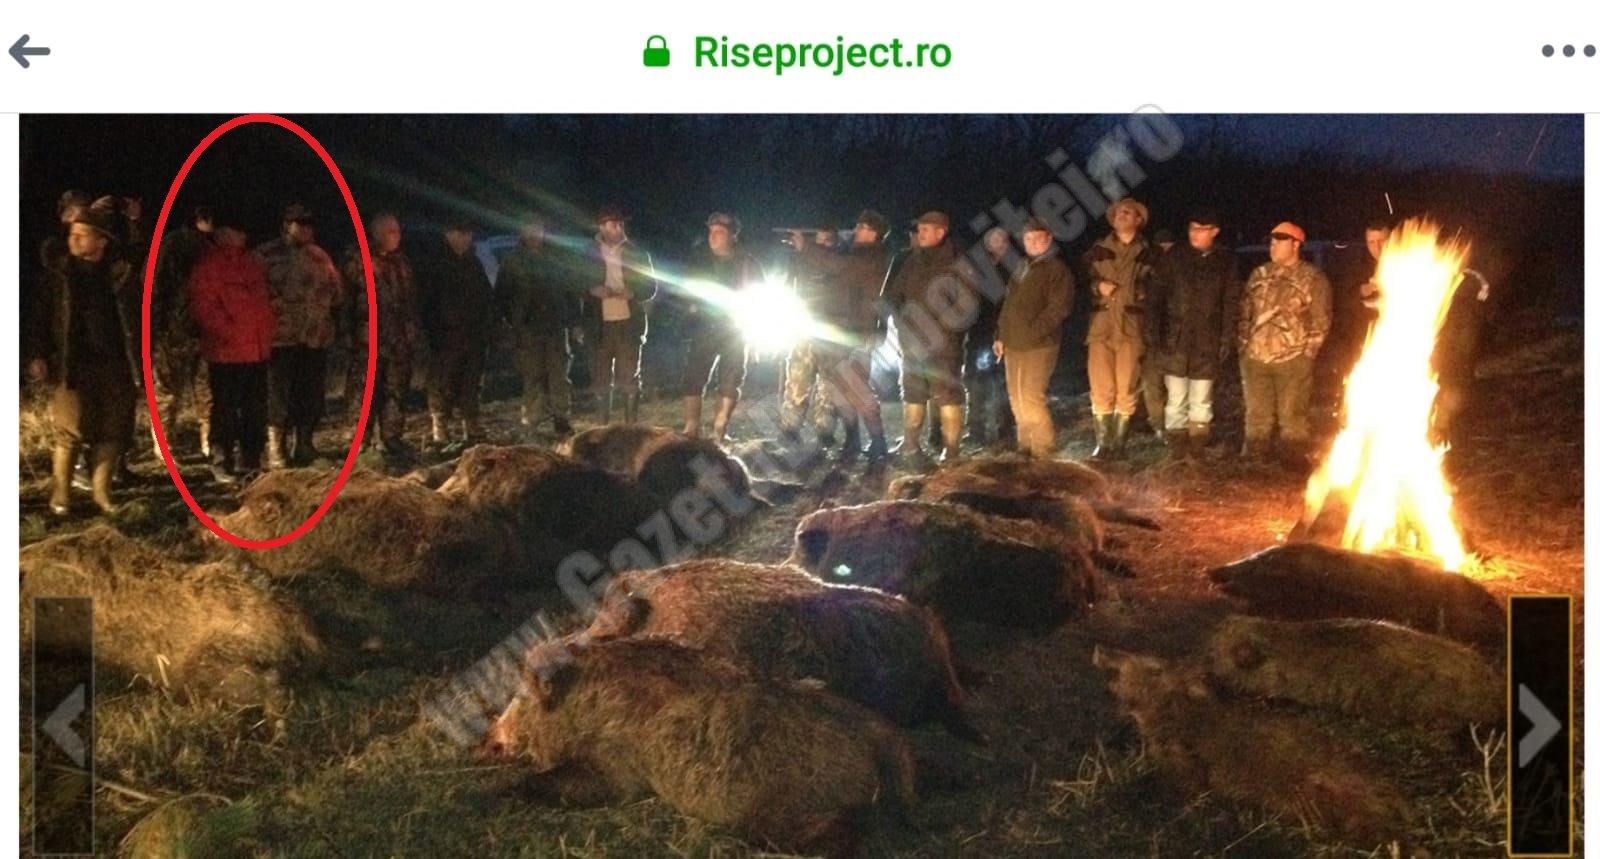 COINCIDENȚĂ? Tel Drum a obținut un contract generos în Dâmbovița, după vânătoarea la care a luat parte și Adrian Țuțuianu